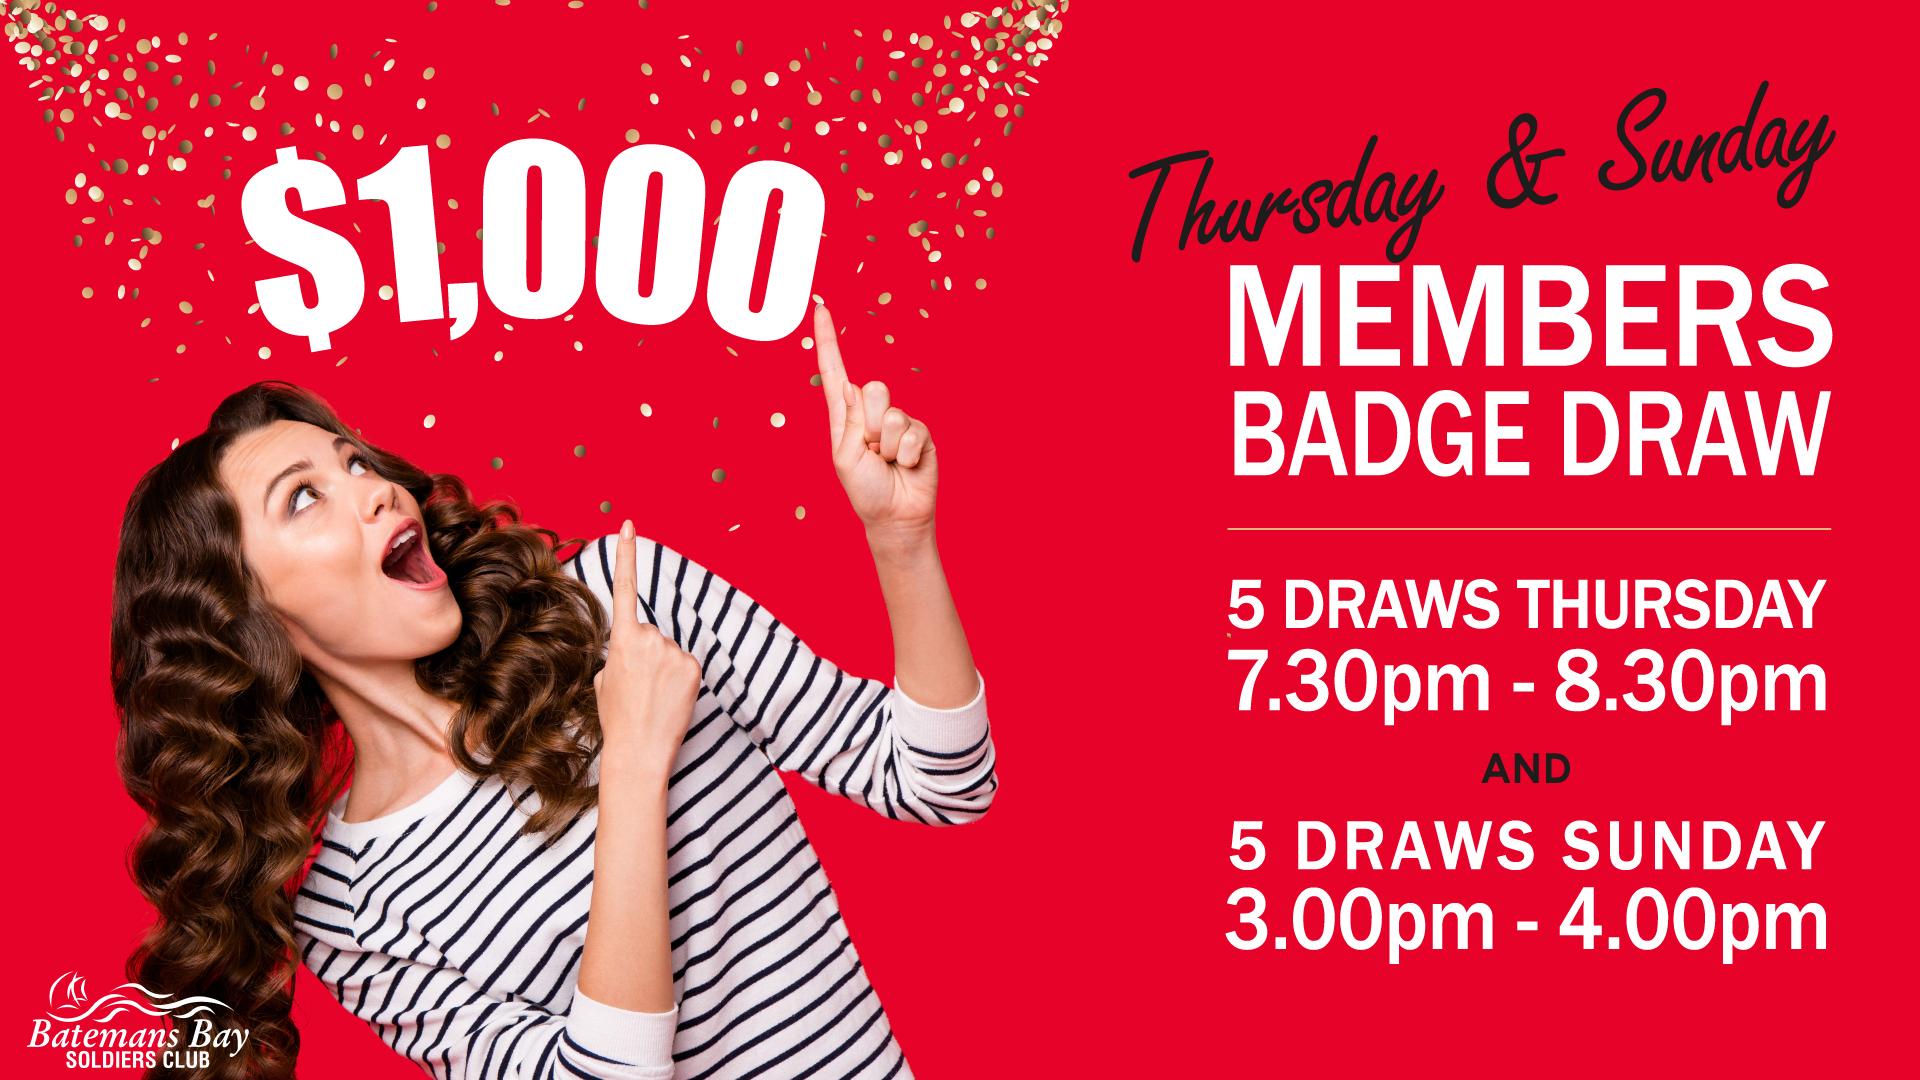 1000---Members-Badge-Draw (No-date) Rece